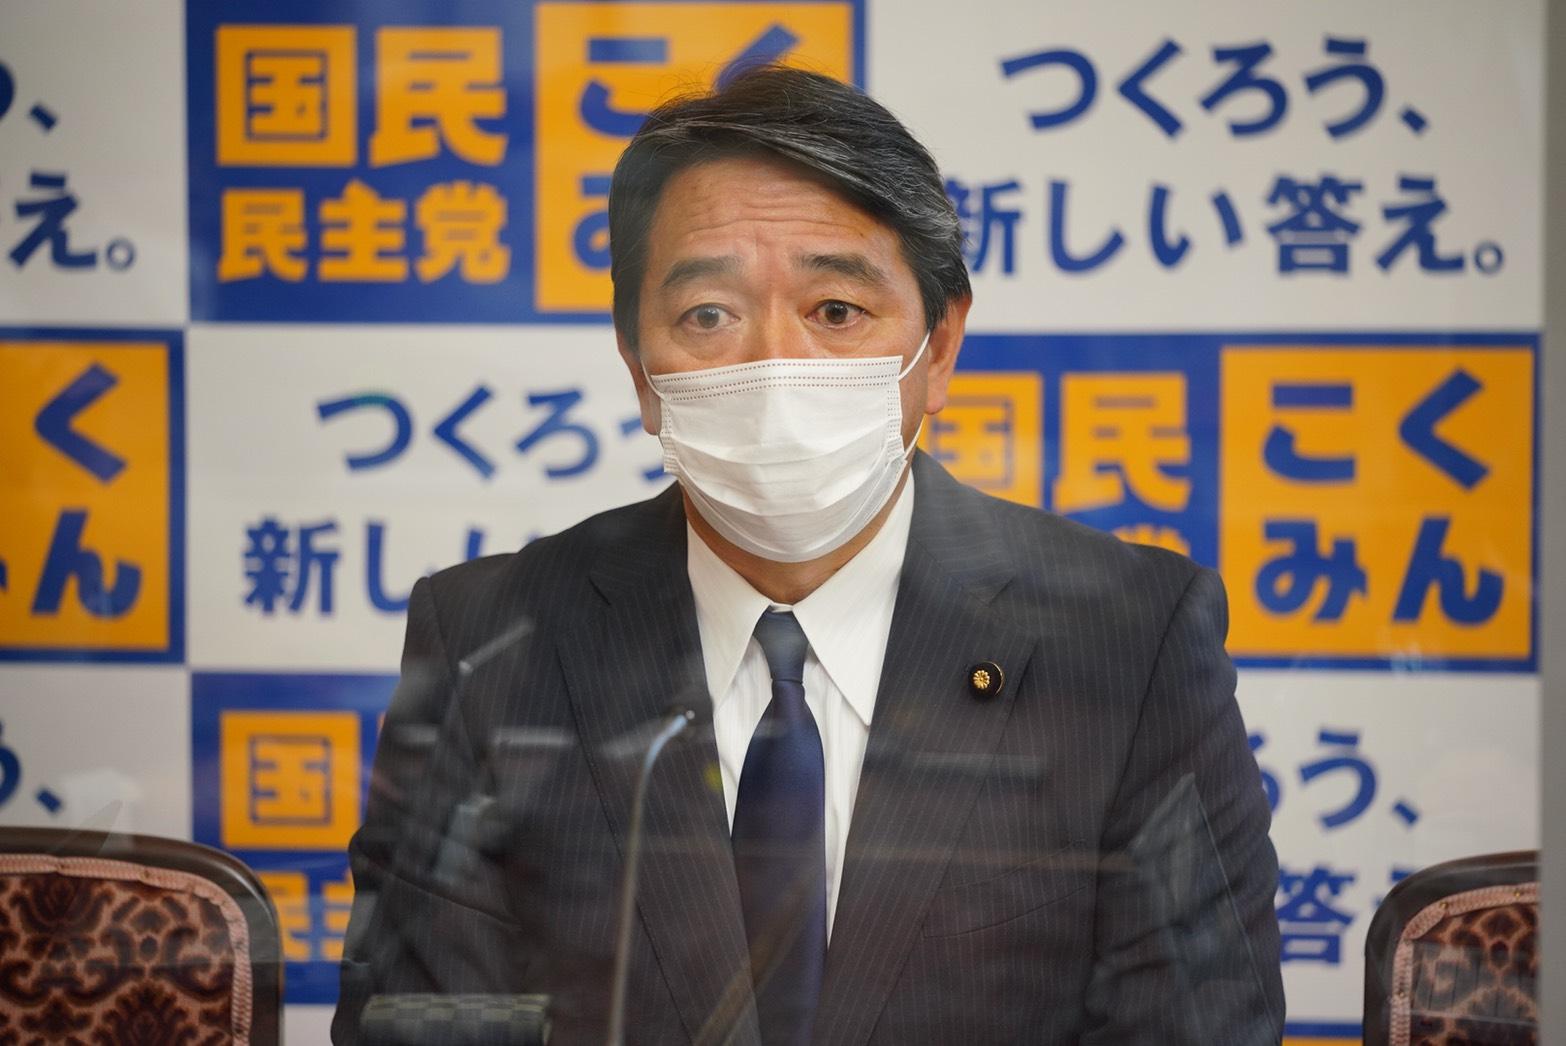 国民民主党 幹事長定例会見(2021年5月7日)